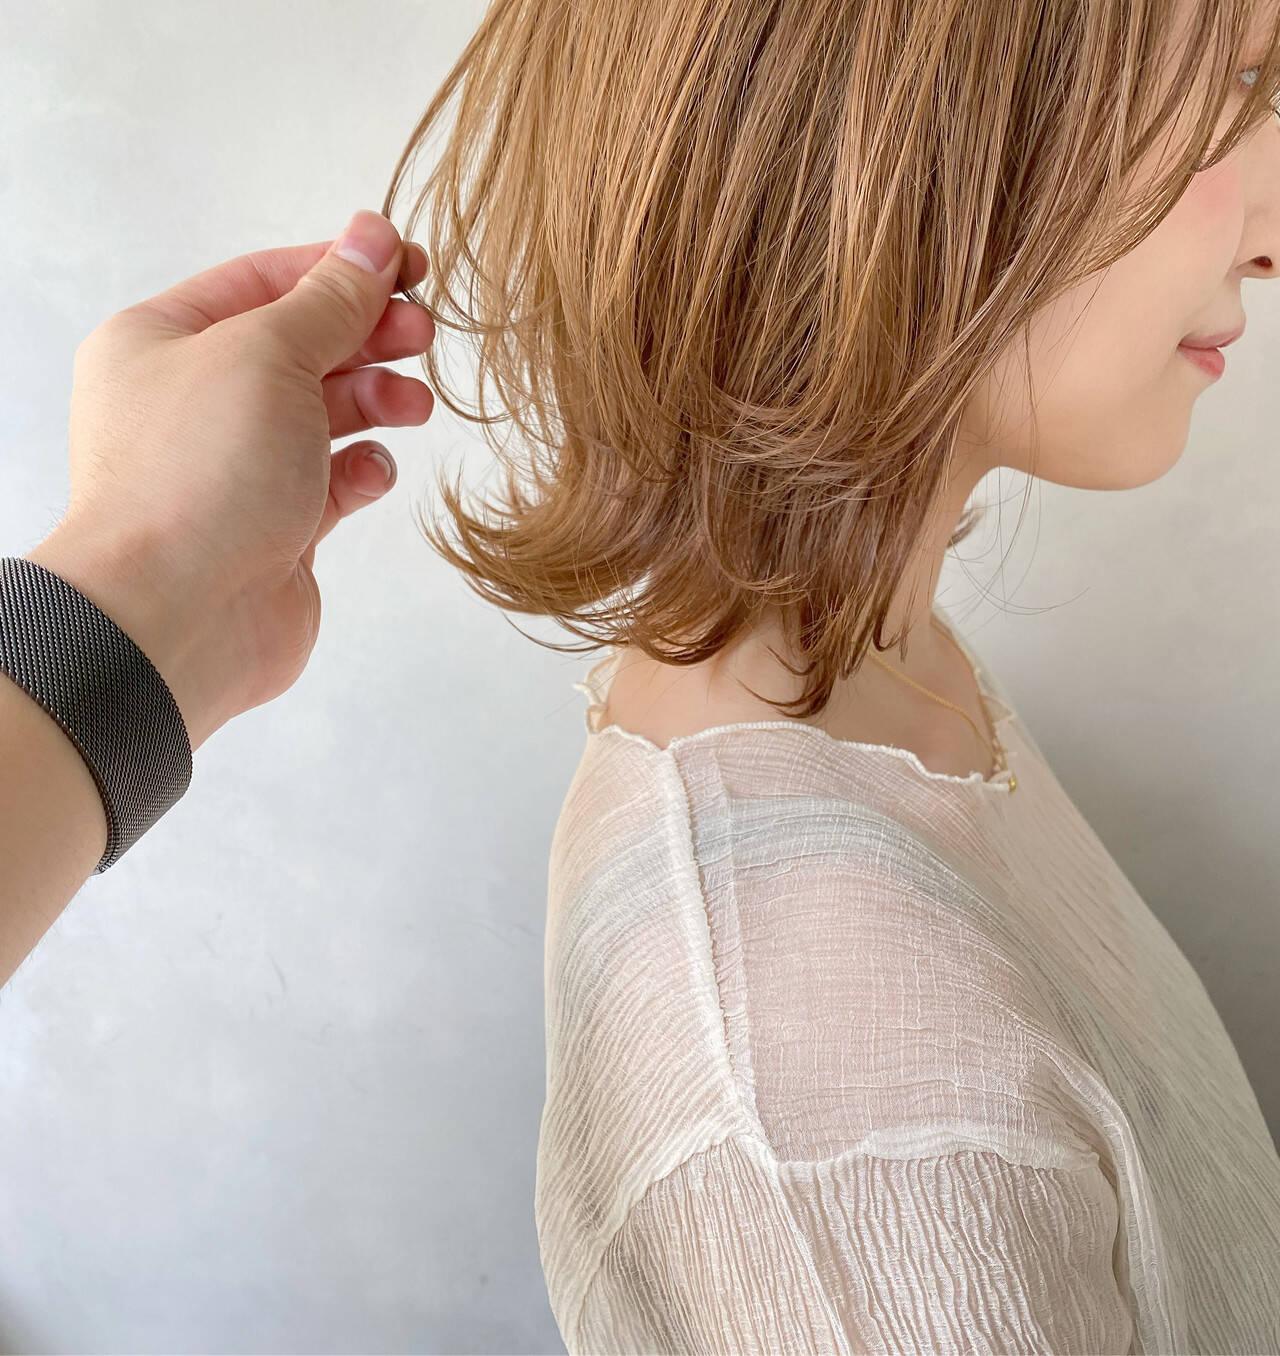 切りっぱなしボブ ボブ アンニュイほつれヘア 簡単ヘアアレンジヘアスタイルや髪型の写真・画像